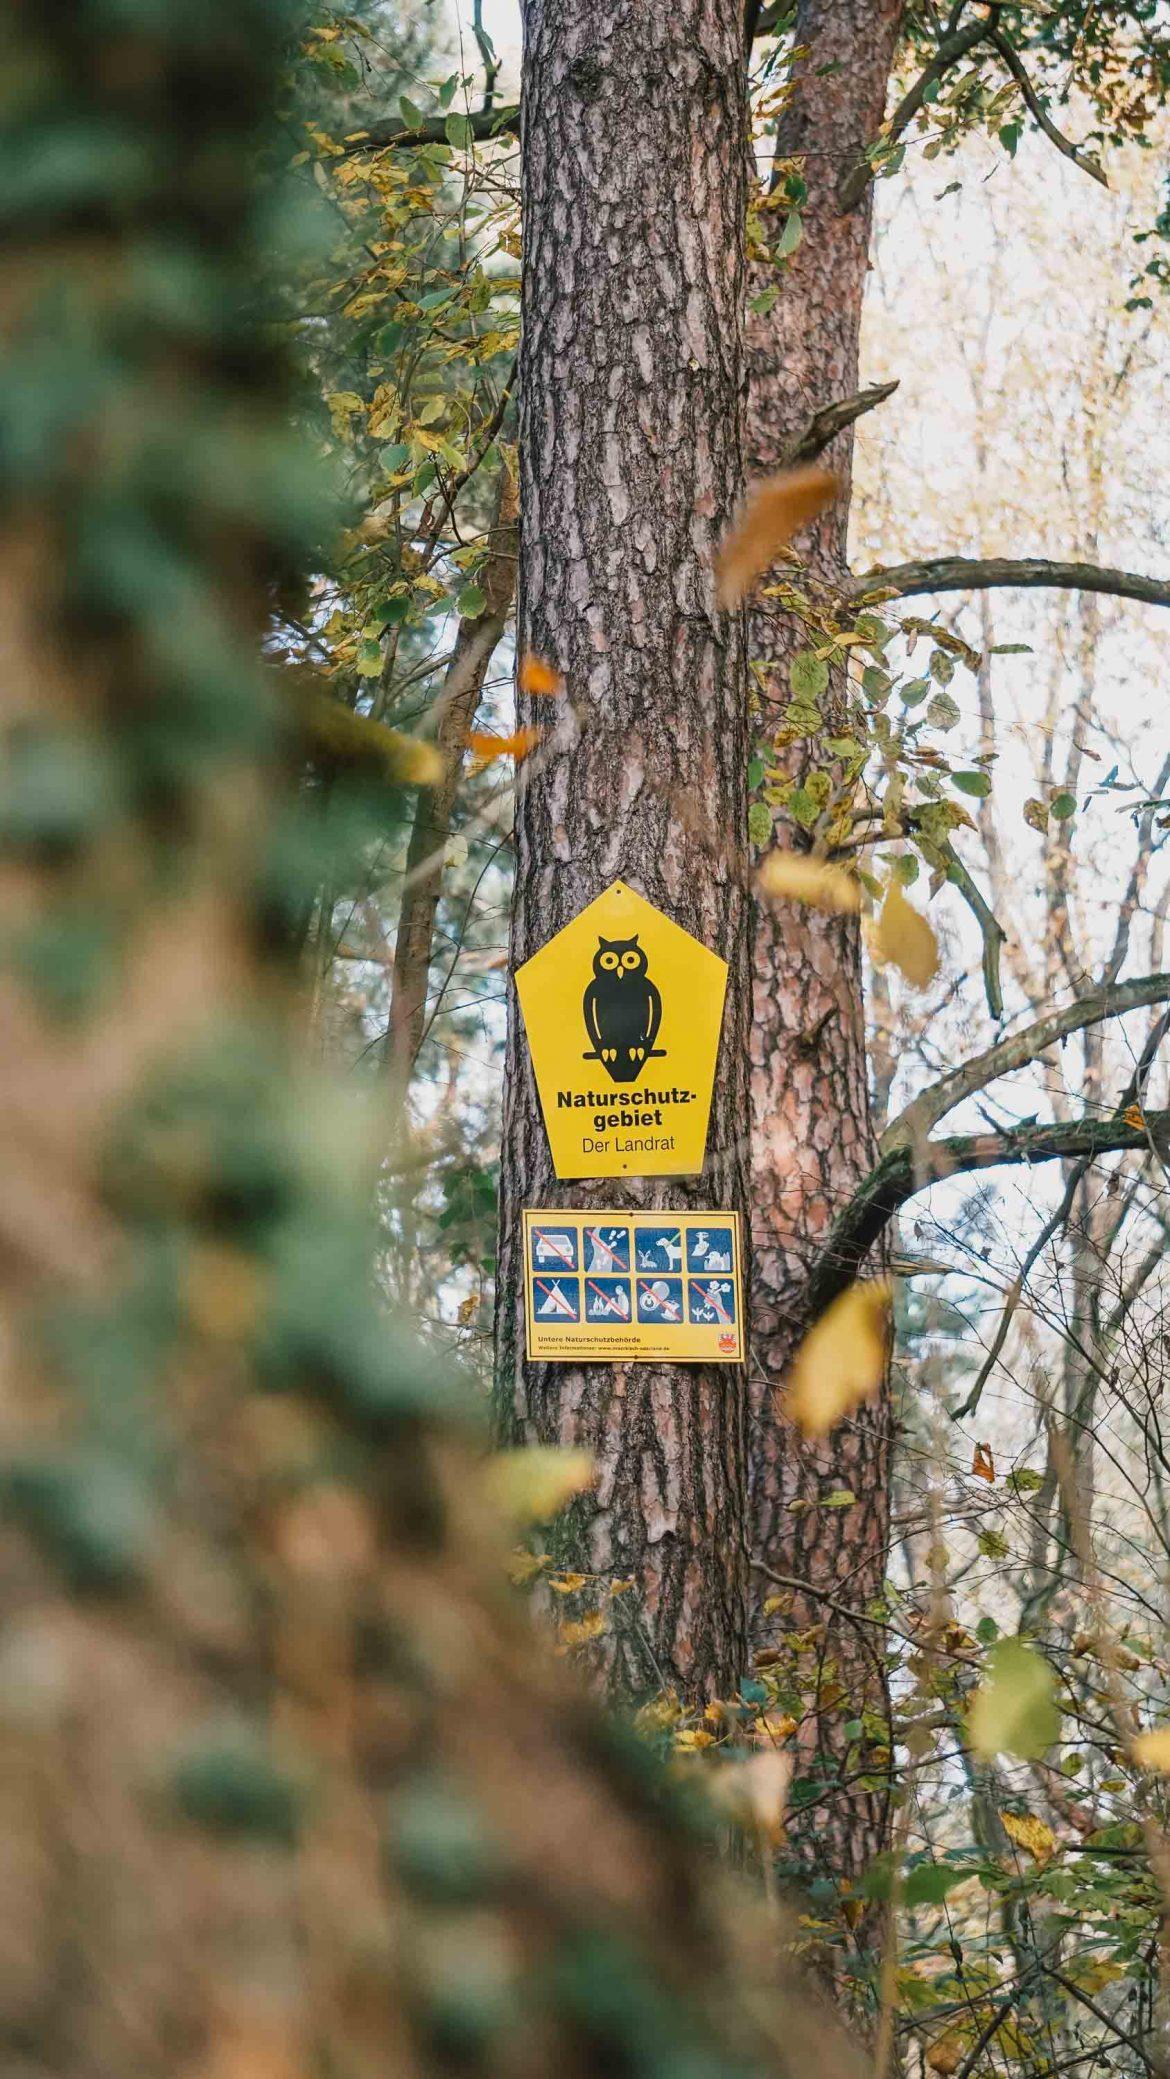 Naturschutzgebiet Schild am Baum